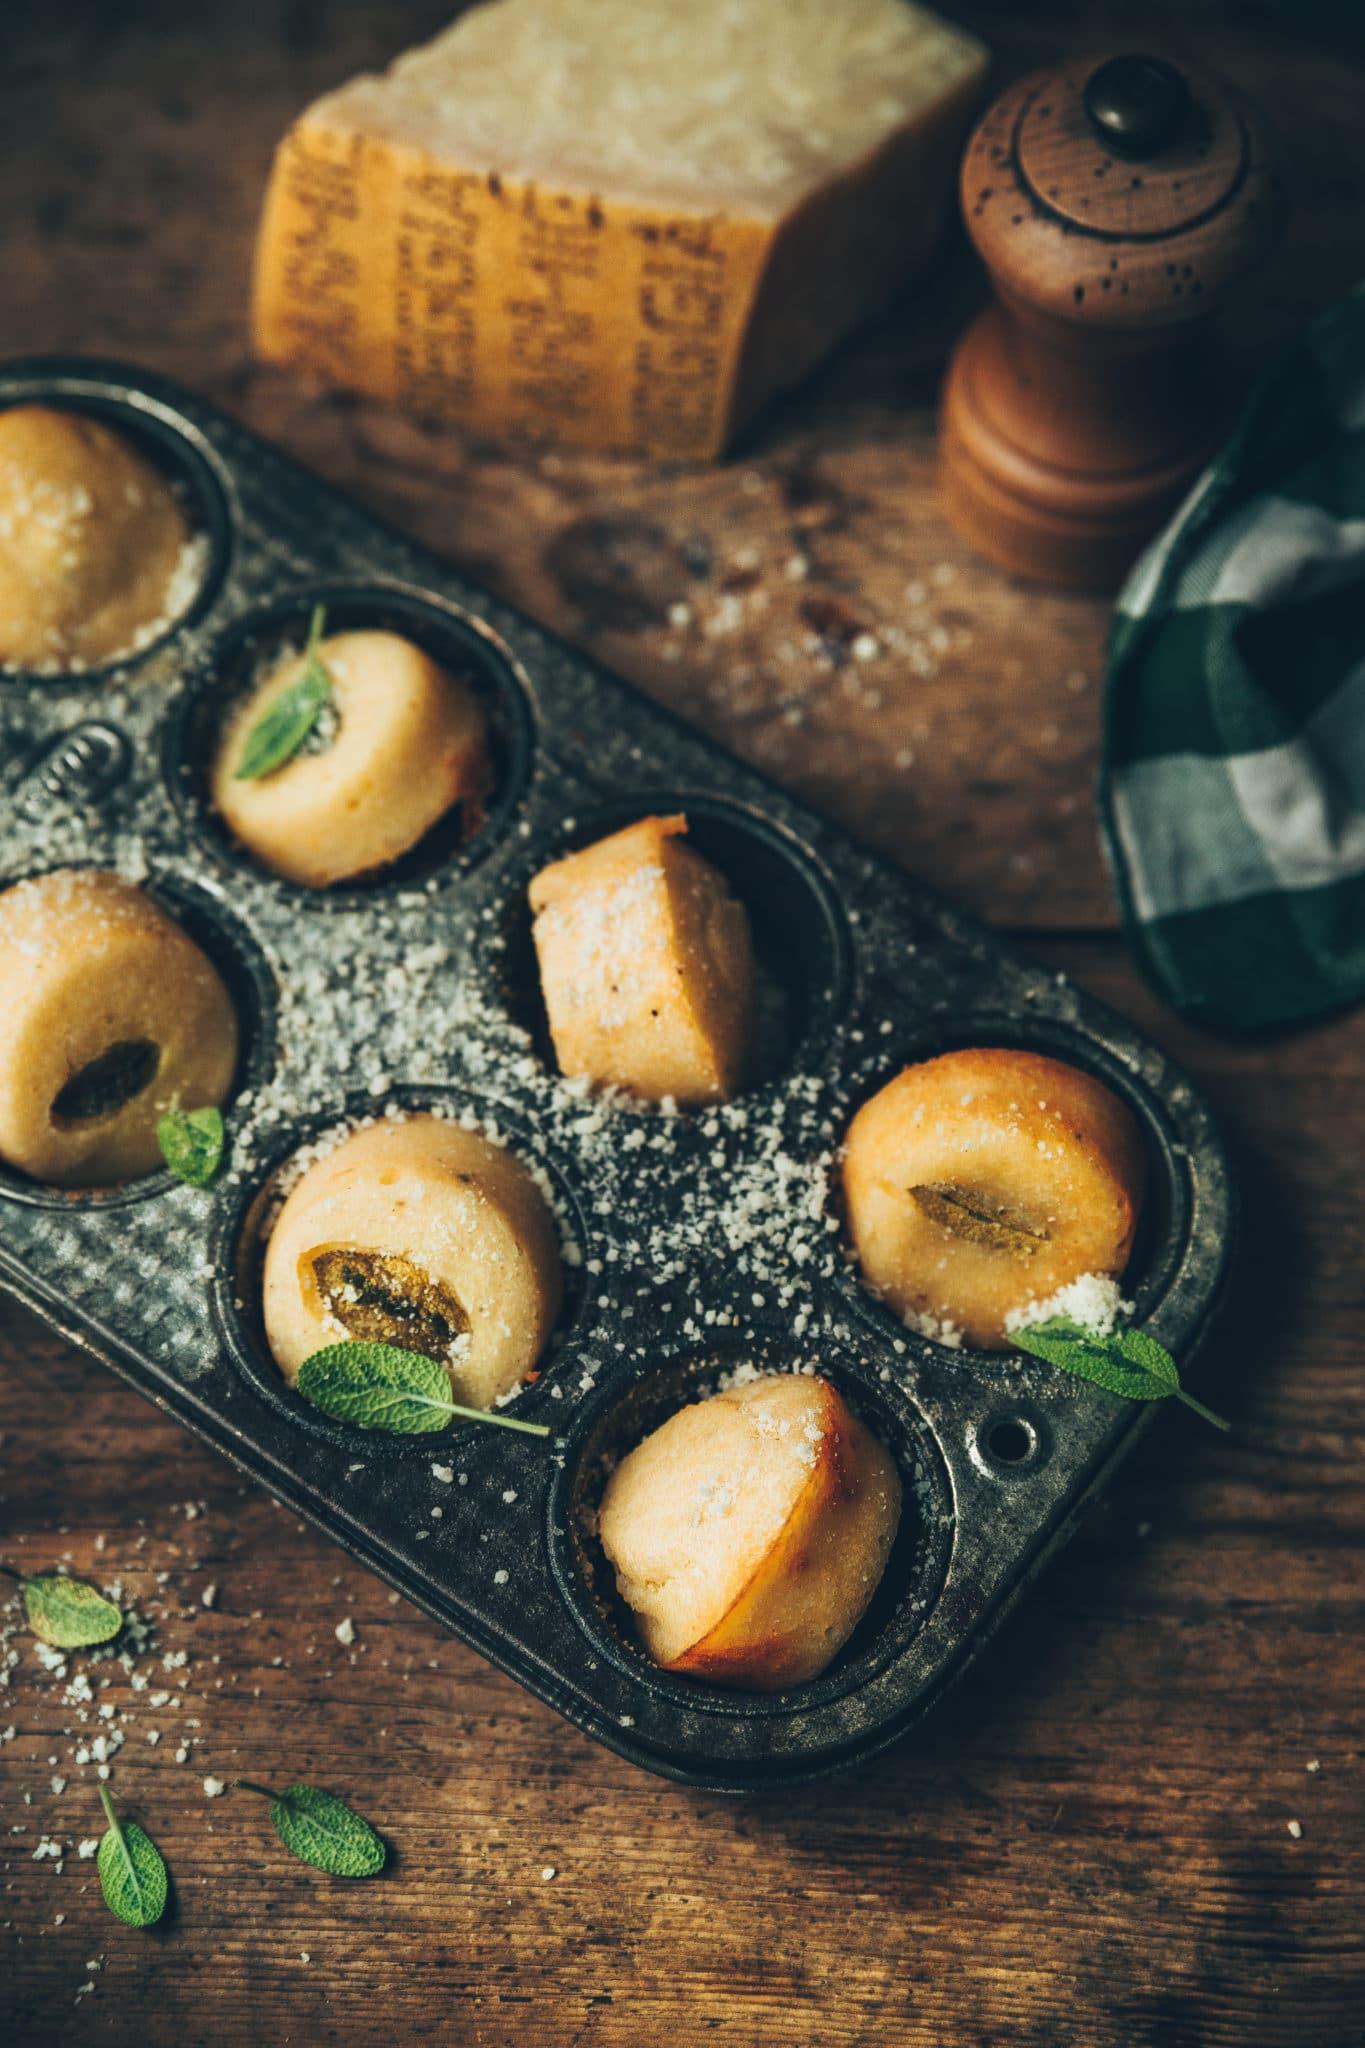 muffins apéro - Mégane Ardérighi megandcook